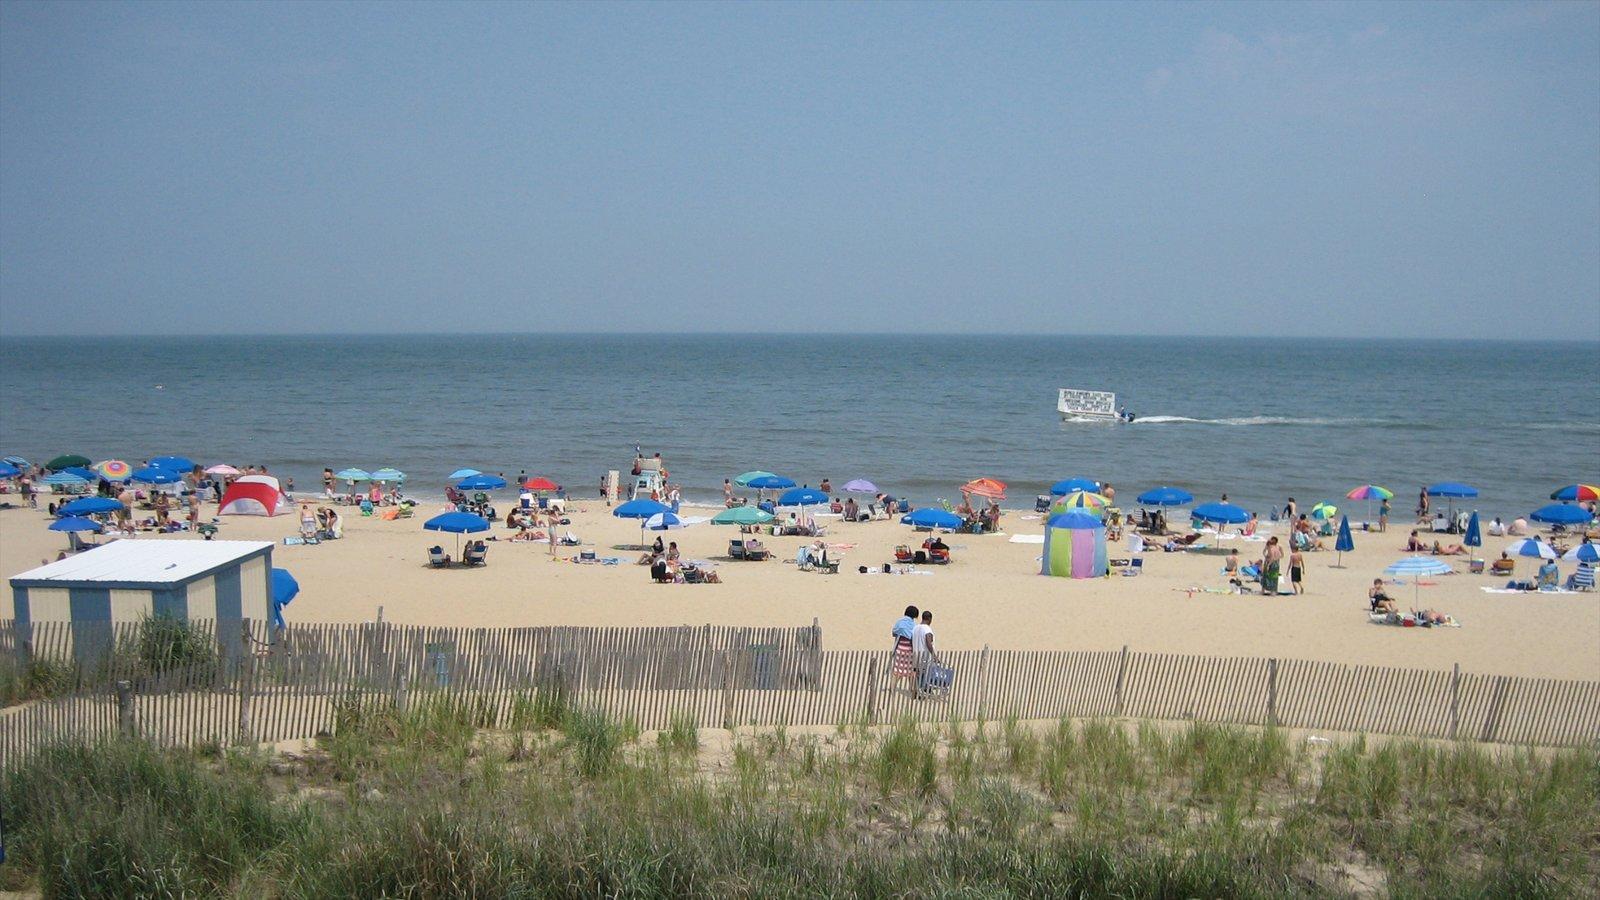 Rehoboth Beach mostrando escenas tropicales y una playa de arena